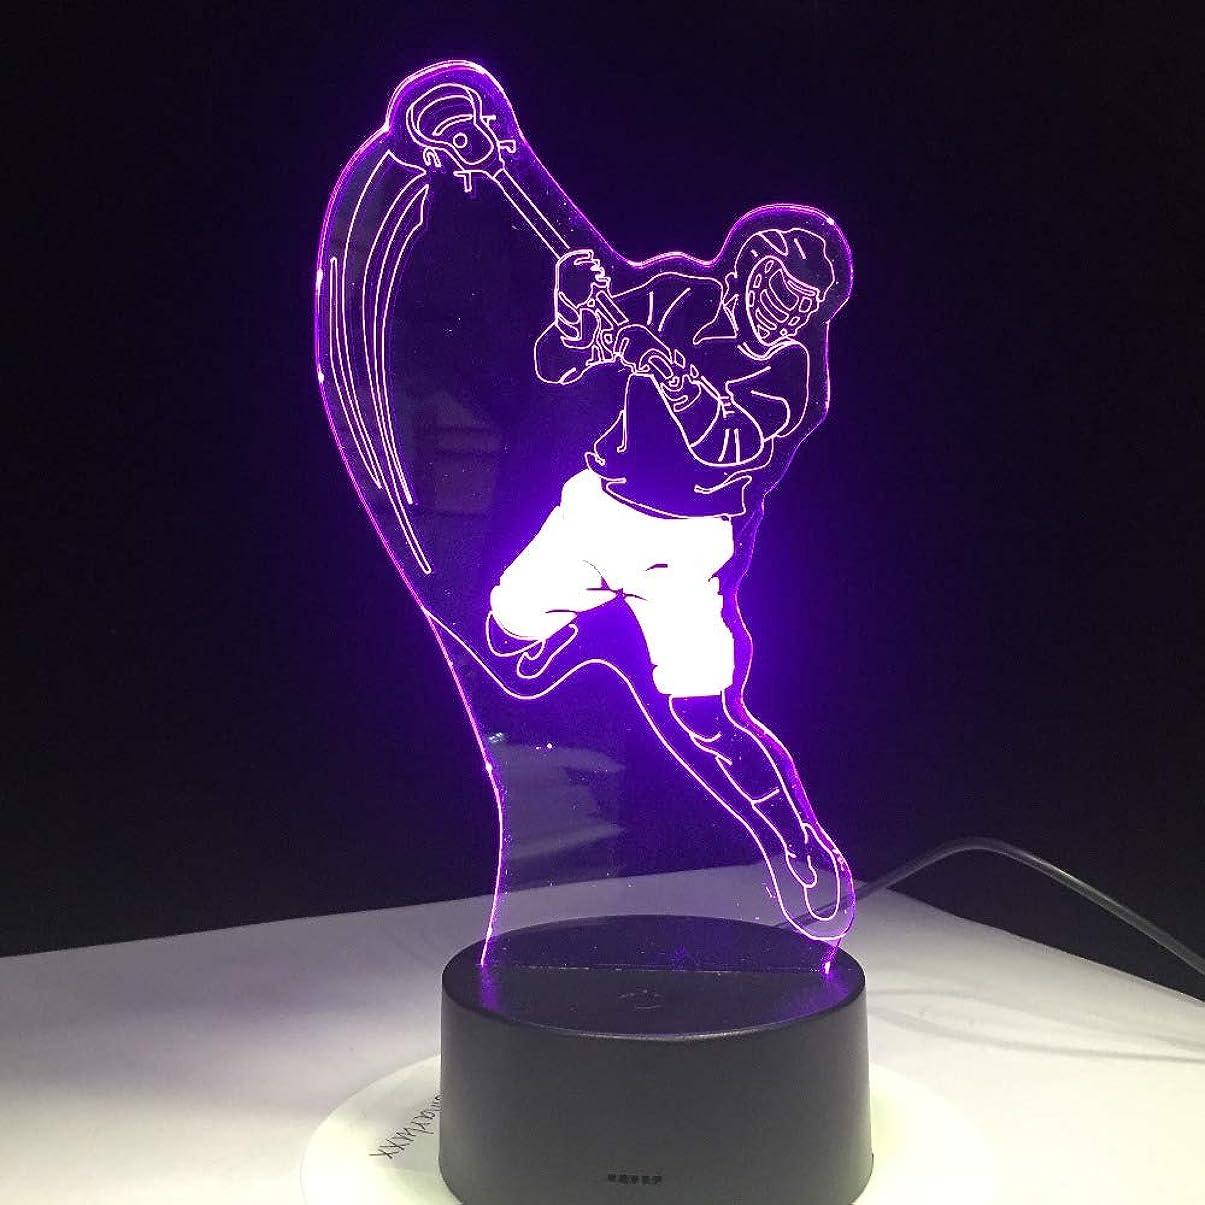 立場オセアニアがんばり続けるアイスホッケースポーツモデリング3dテーブルランプ7色変更ledナイトライトusb寝室睡眠照明スポーツファンギフト用家の装飾